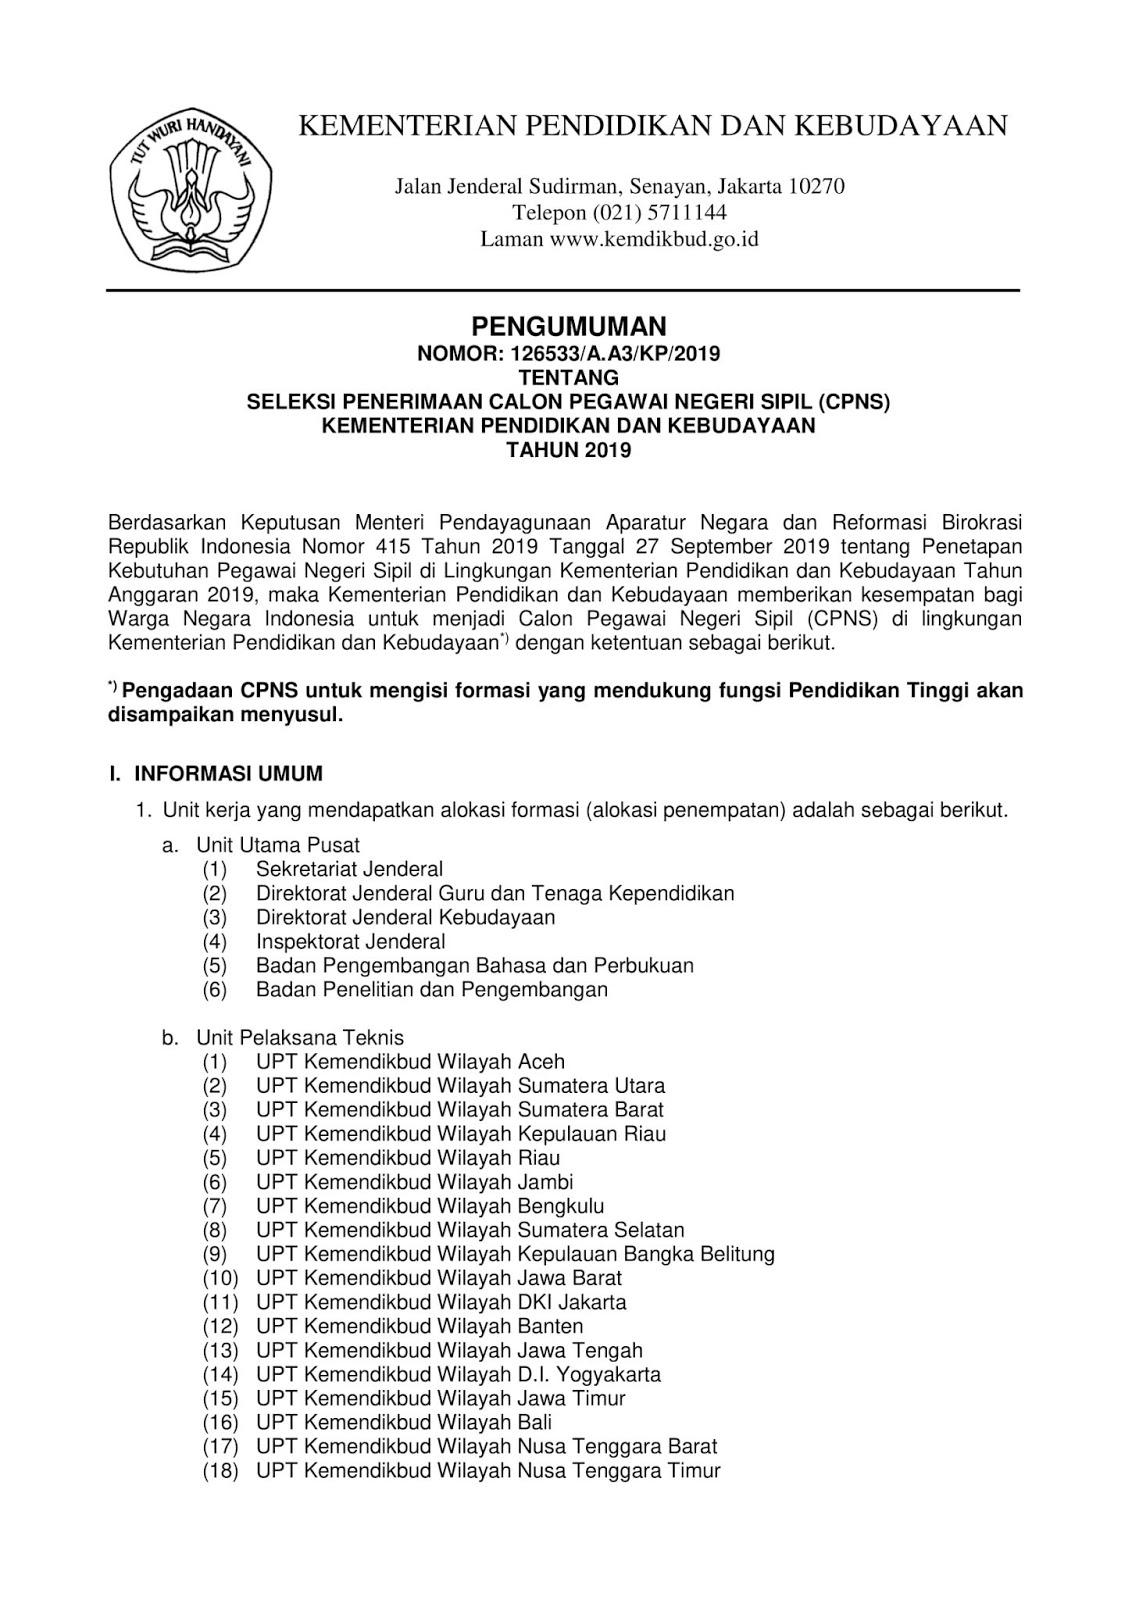 Lowongan CPNS Kementerian Pendidikan dan Kebudayaan Tahun  Anggaran 2019